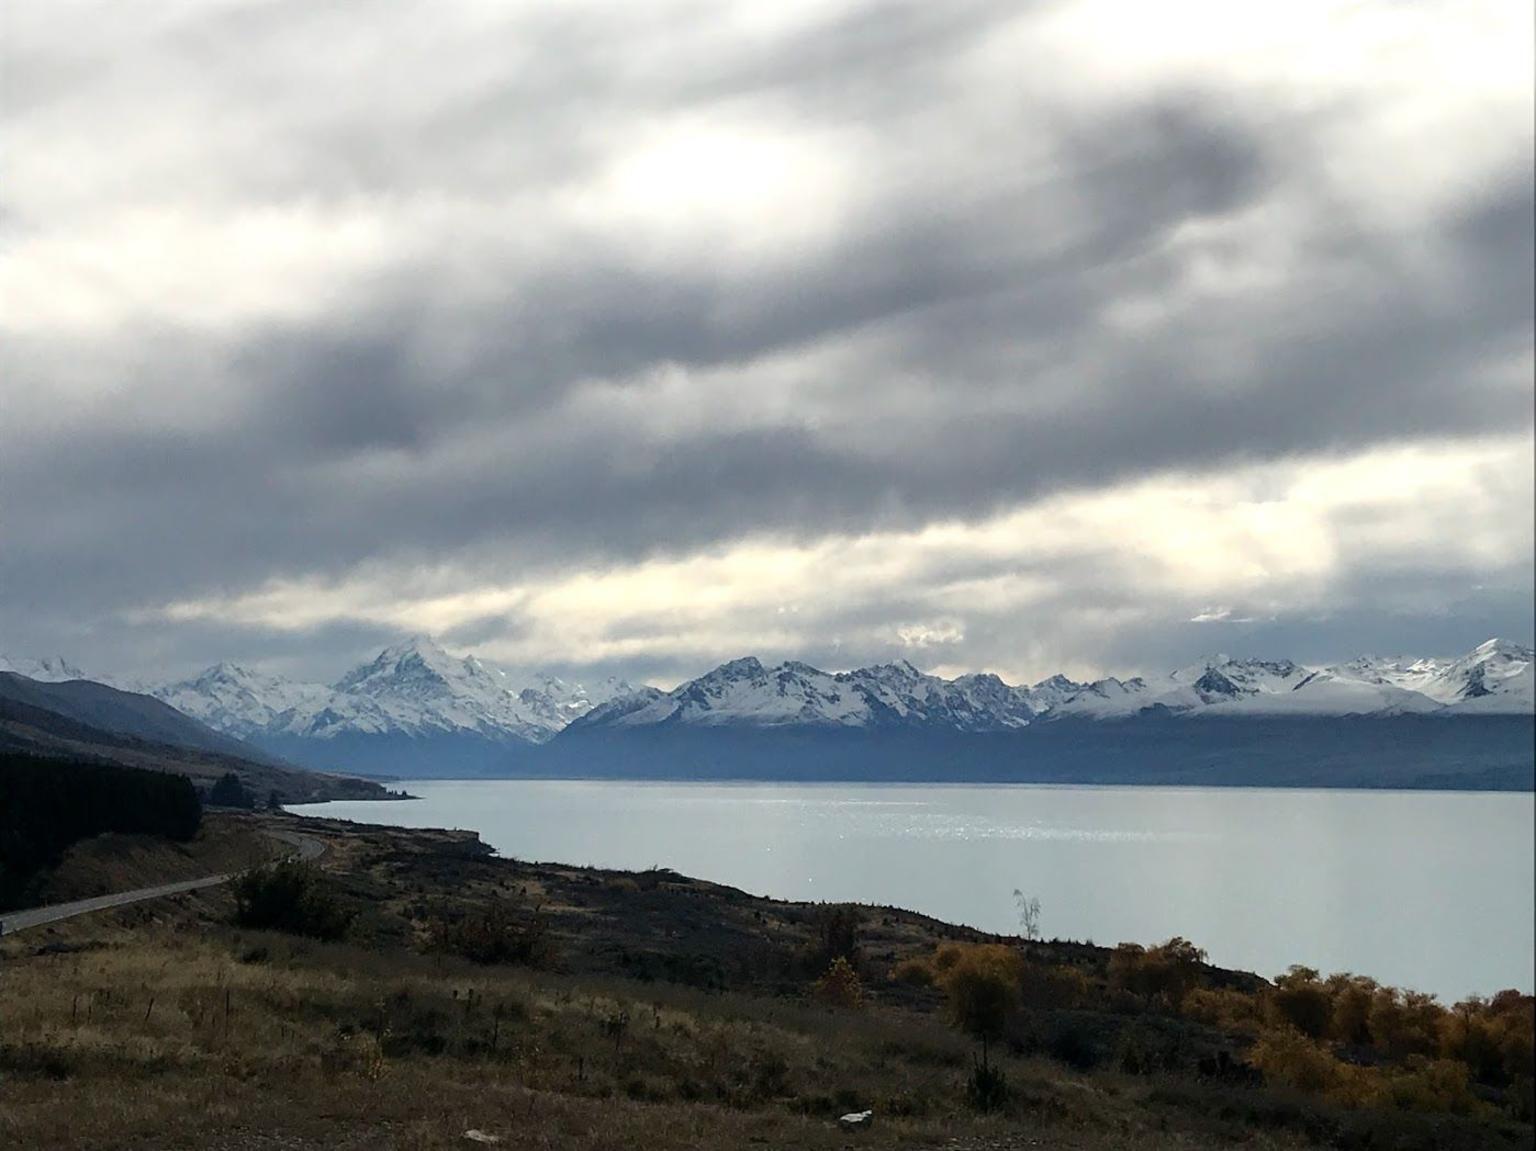 MÁS FOTOS, Excursión de un día completo de Queenstown a Christchurch a través del Monte Cook